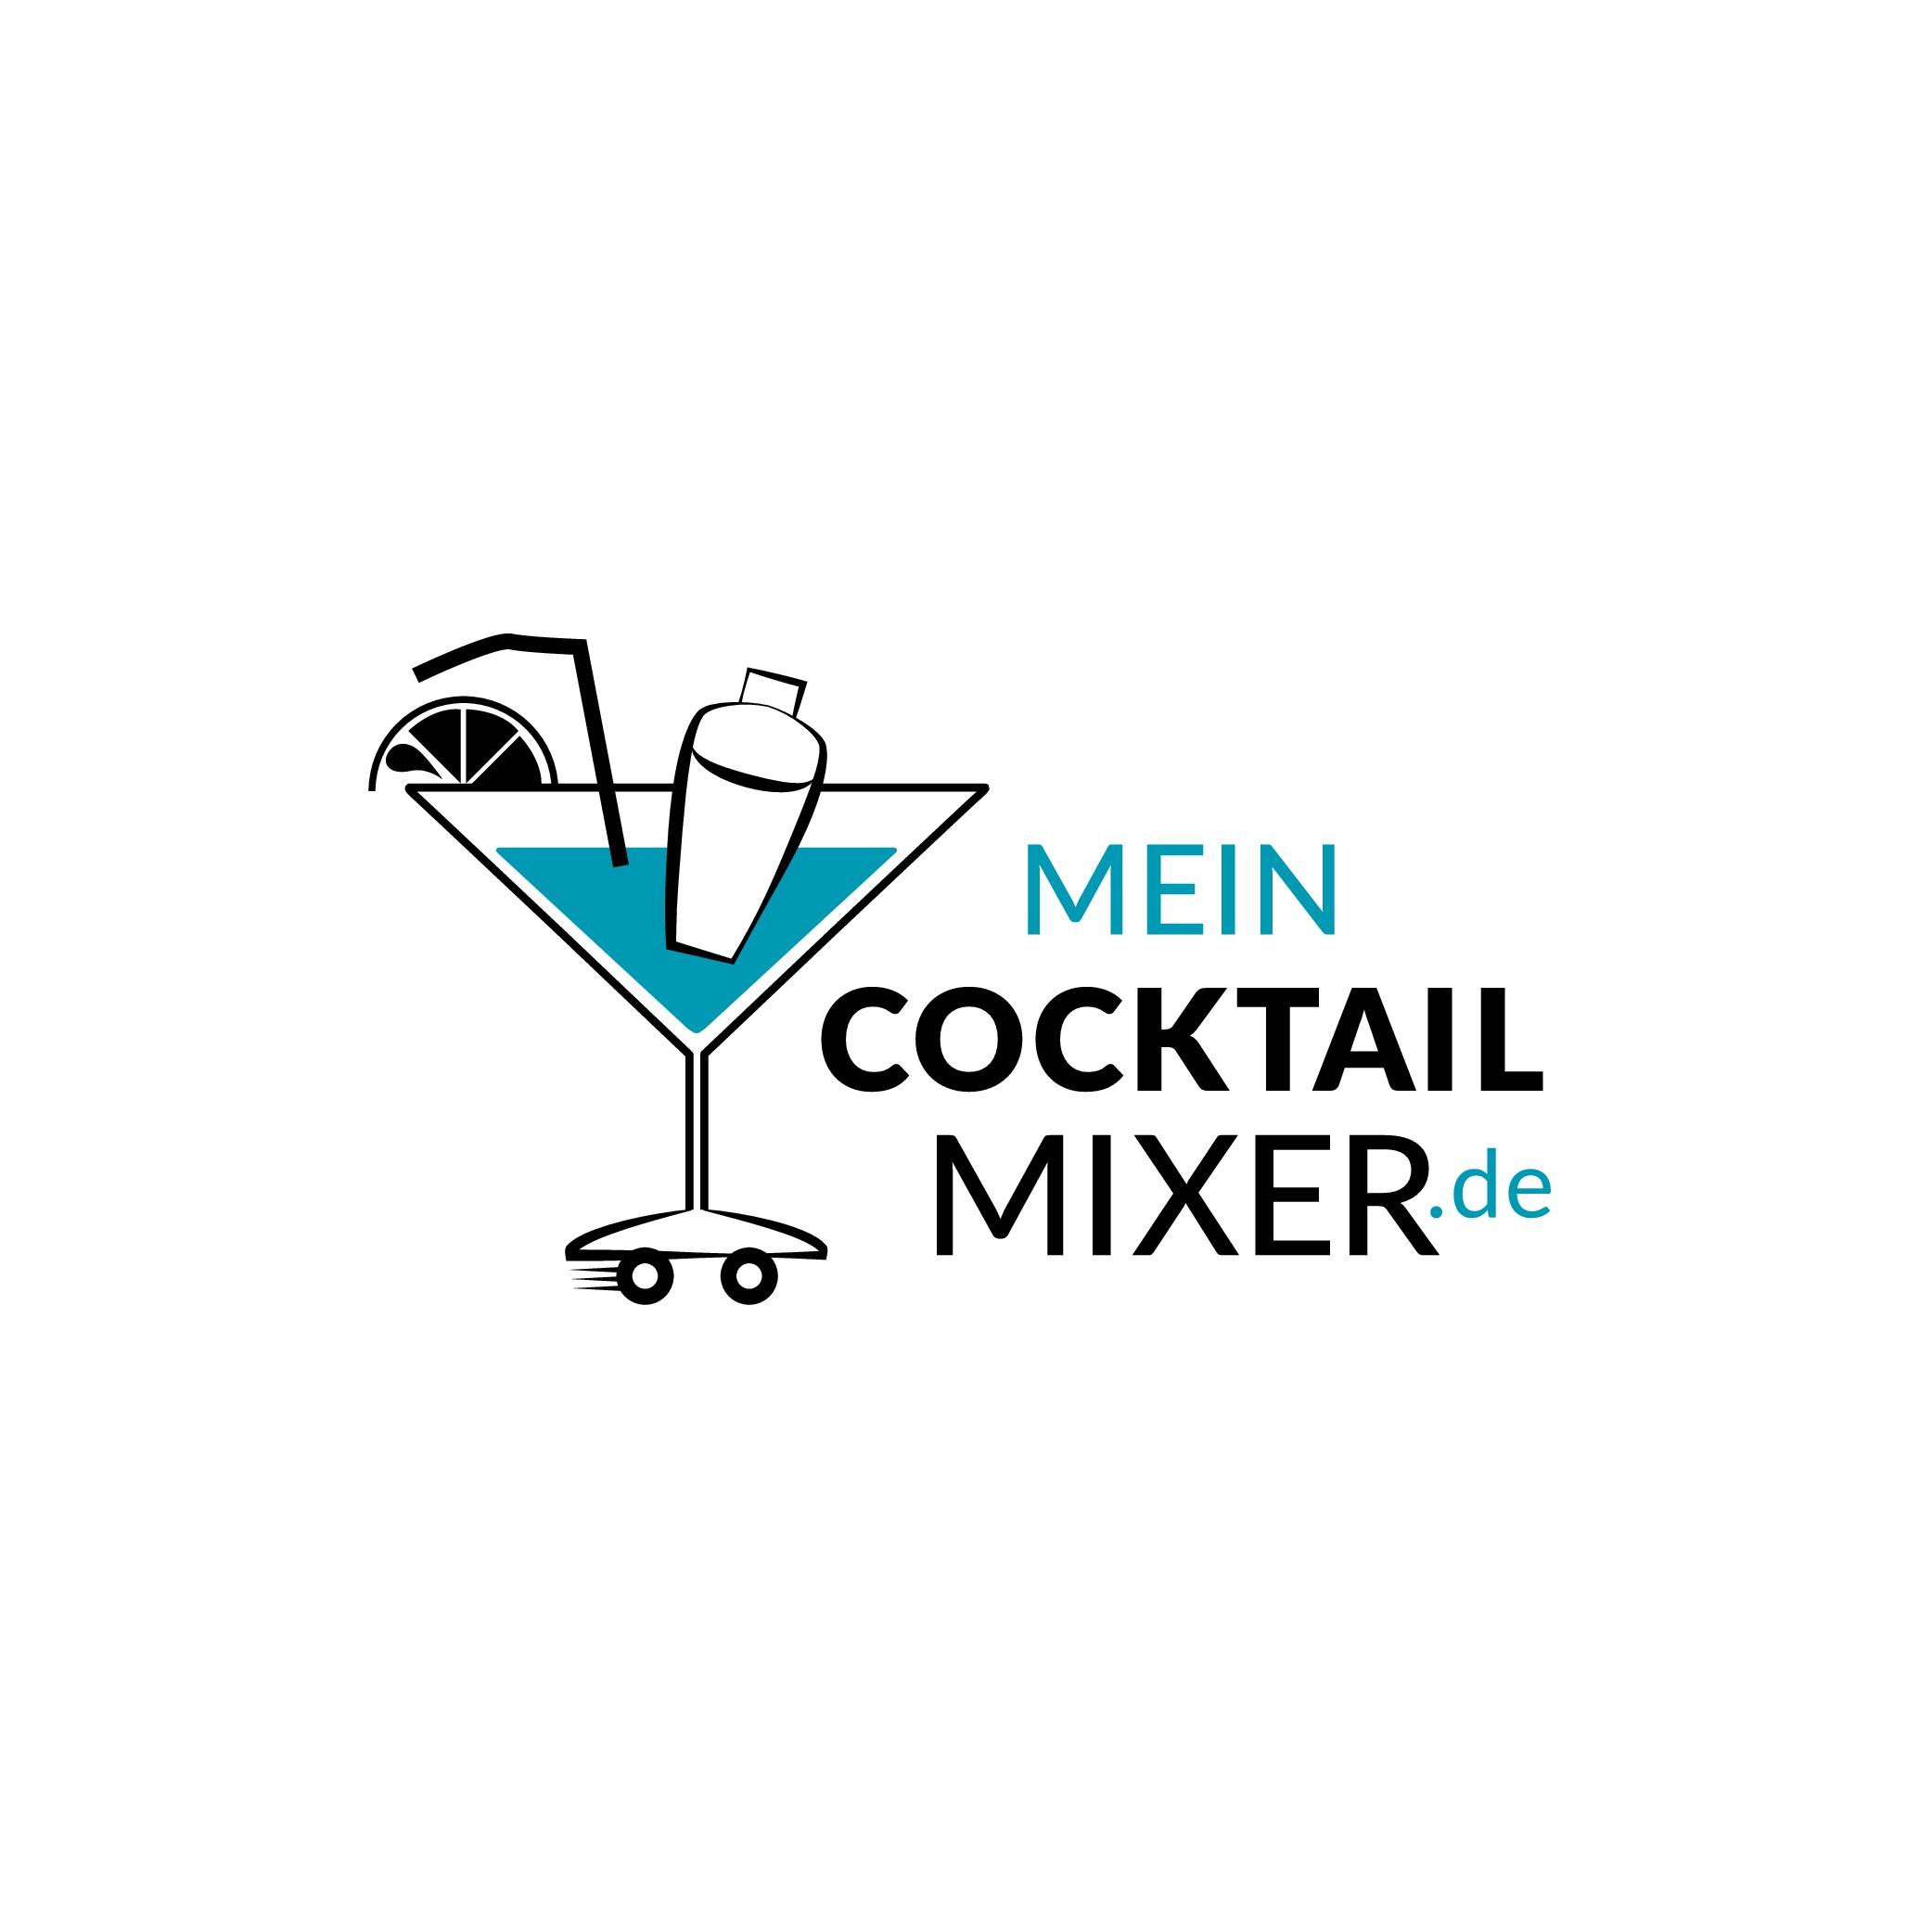 Cocktailcateringunternehmen sucht kreatives Logodesign